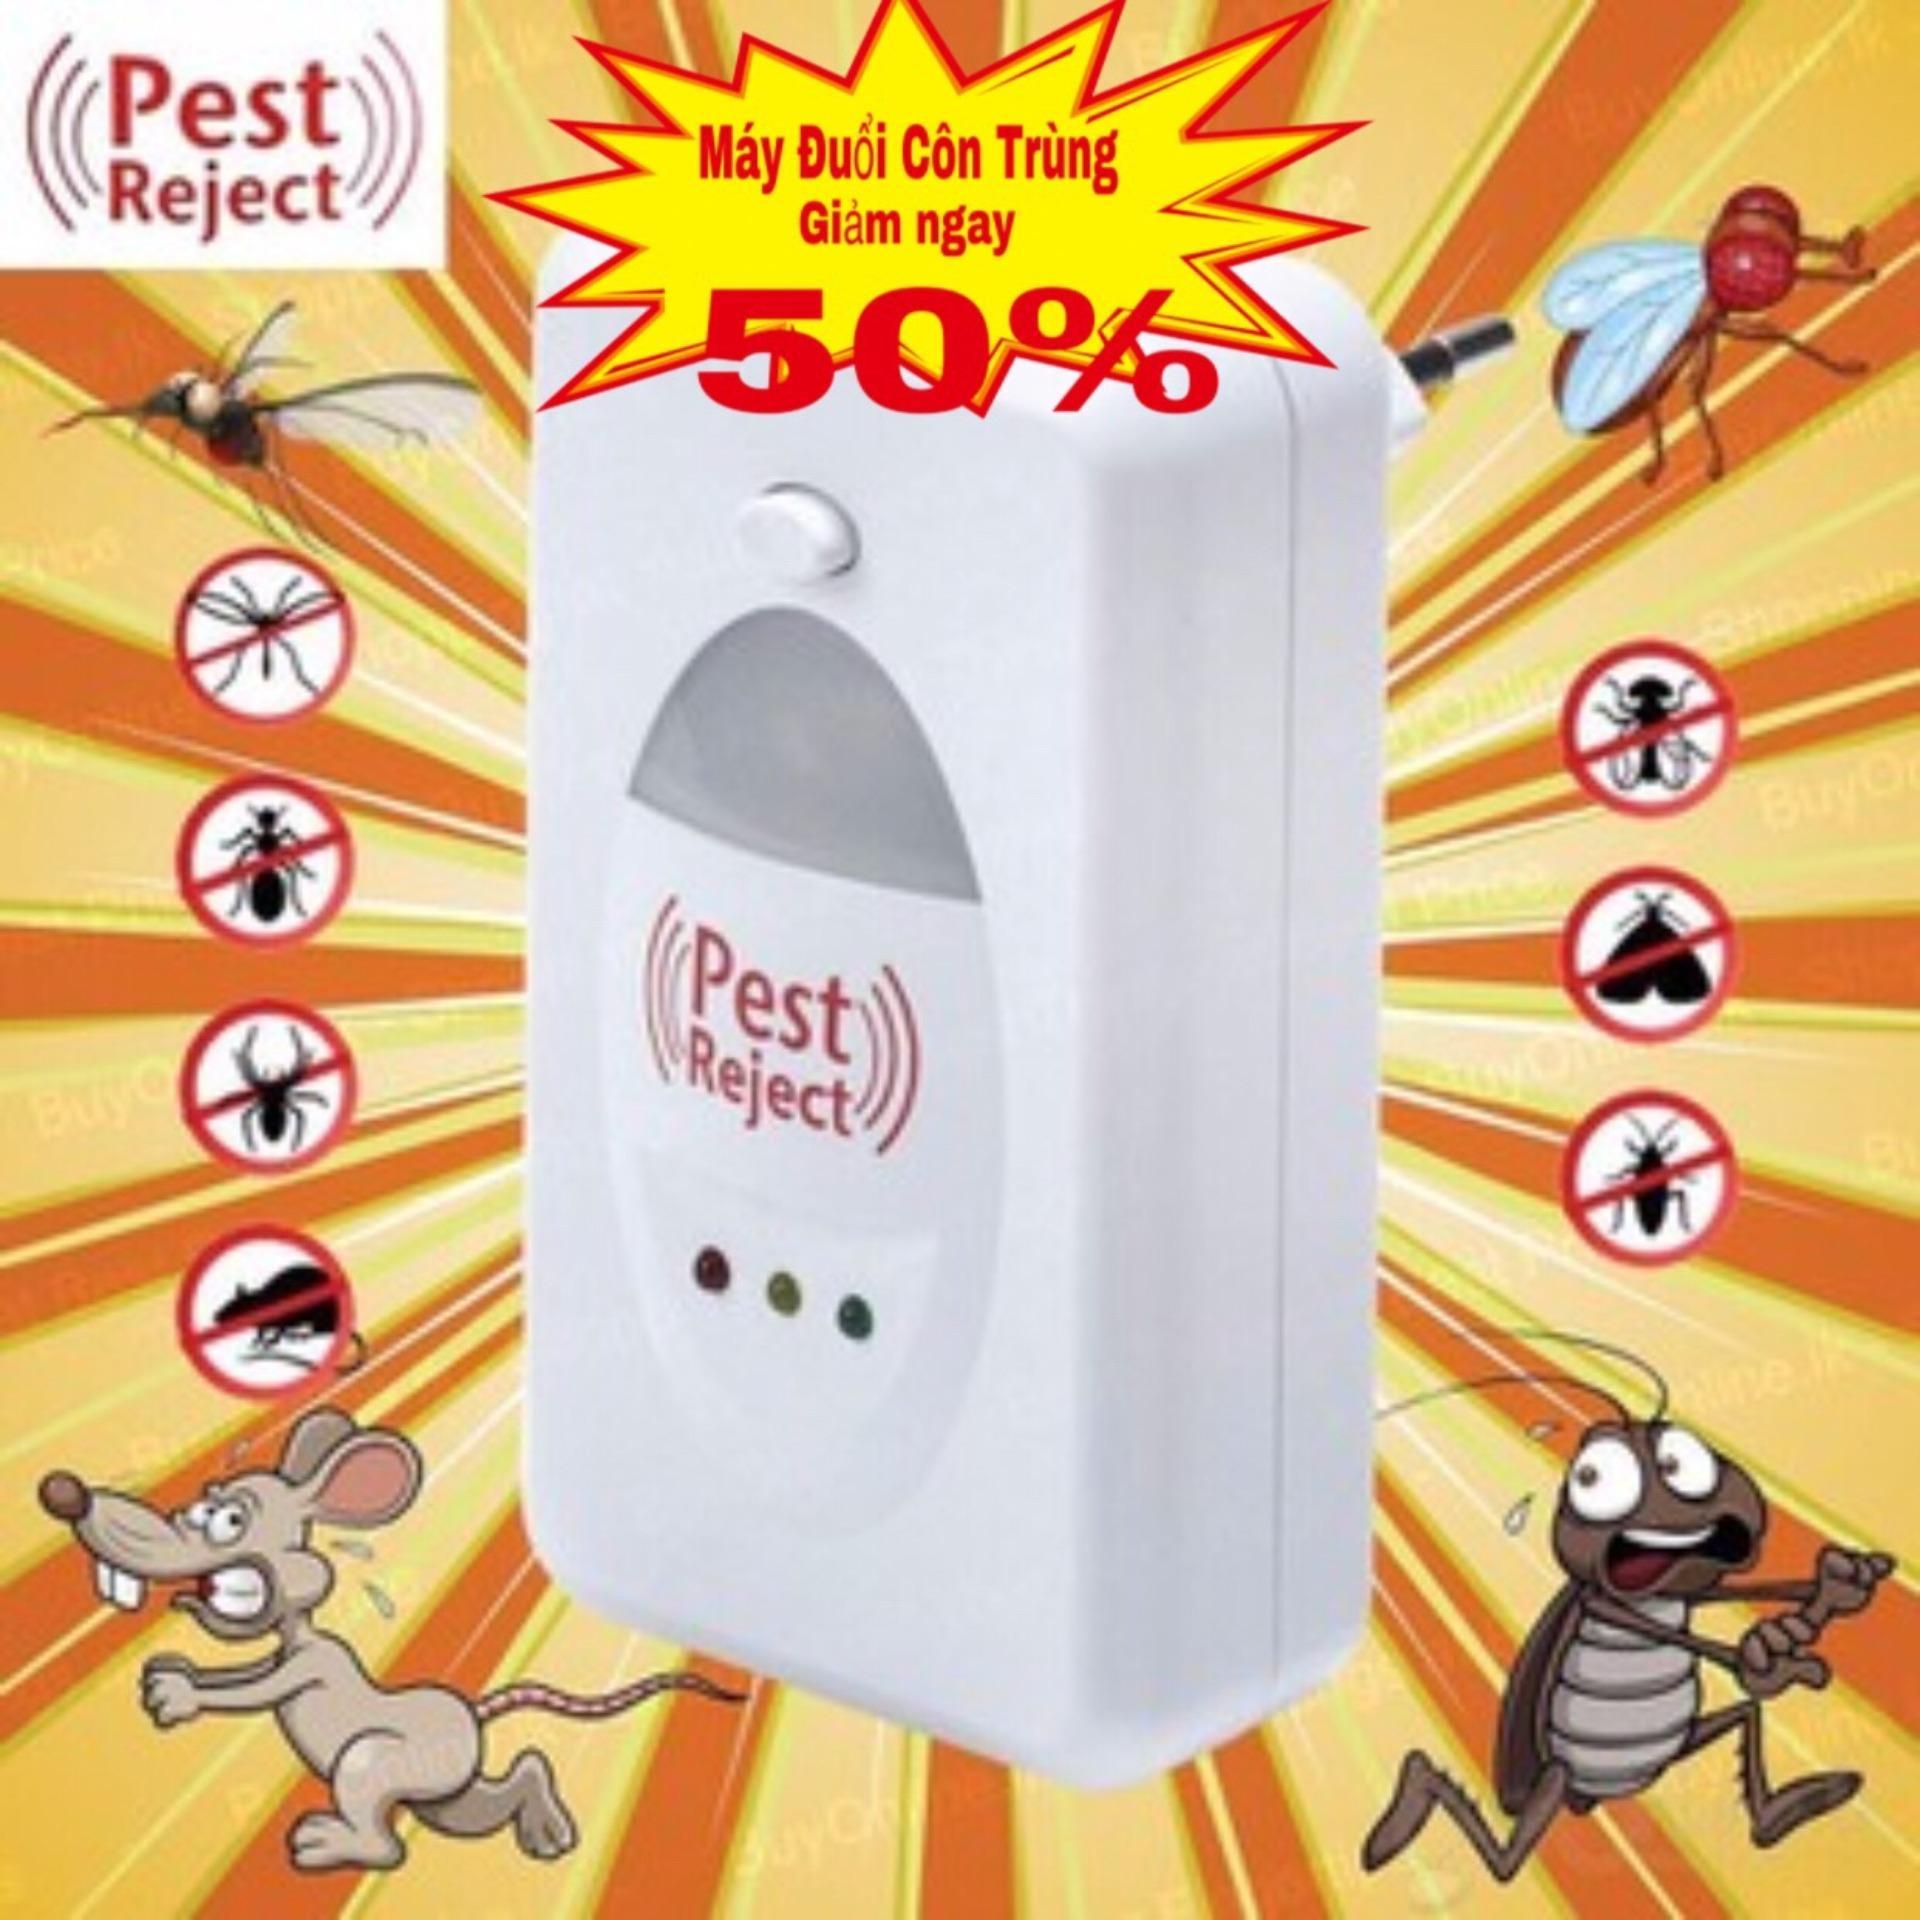 Hình ảnh May Diet Muoi,Máy Đuổi Côn Trùng Bk3 Pest Reject - Đuổi Chuột, Muỗi, Rệp, Kiến V.V Đặc Biệt Không Gây Hại Cho Gia Đình Bạn- Ms 3590